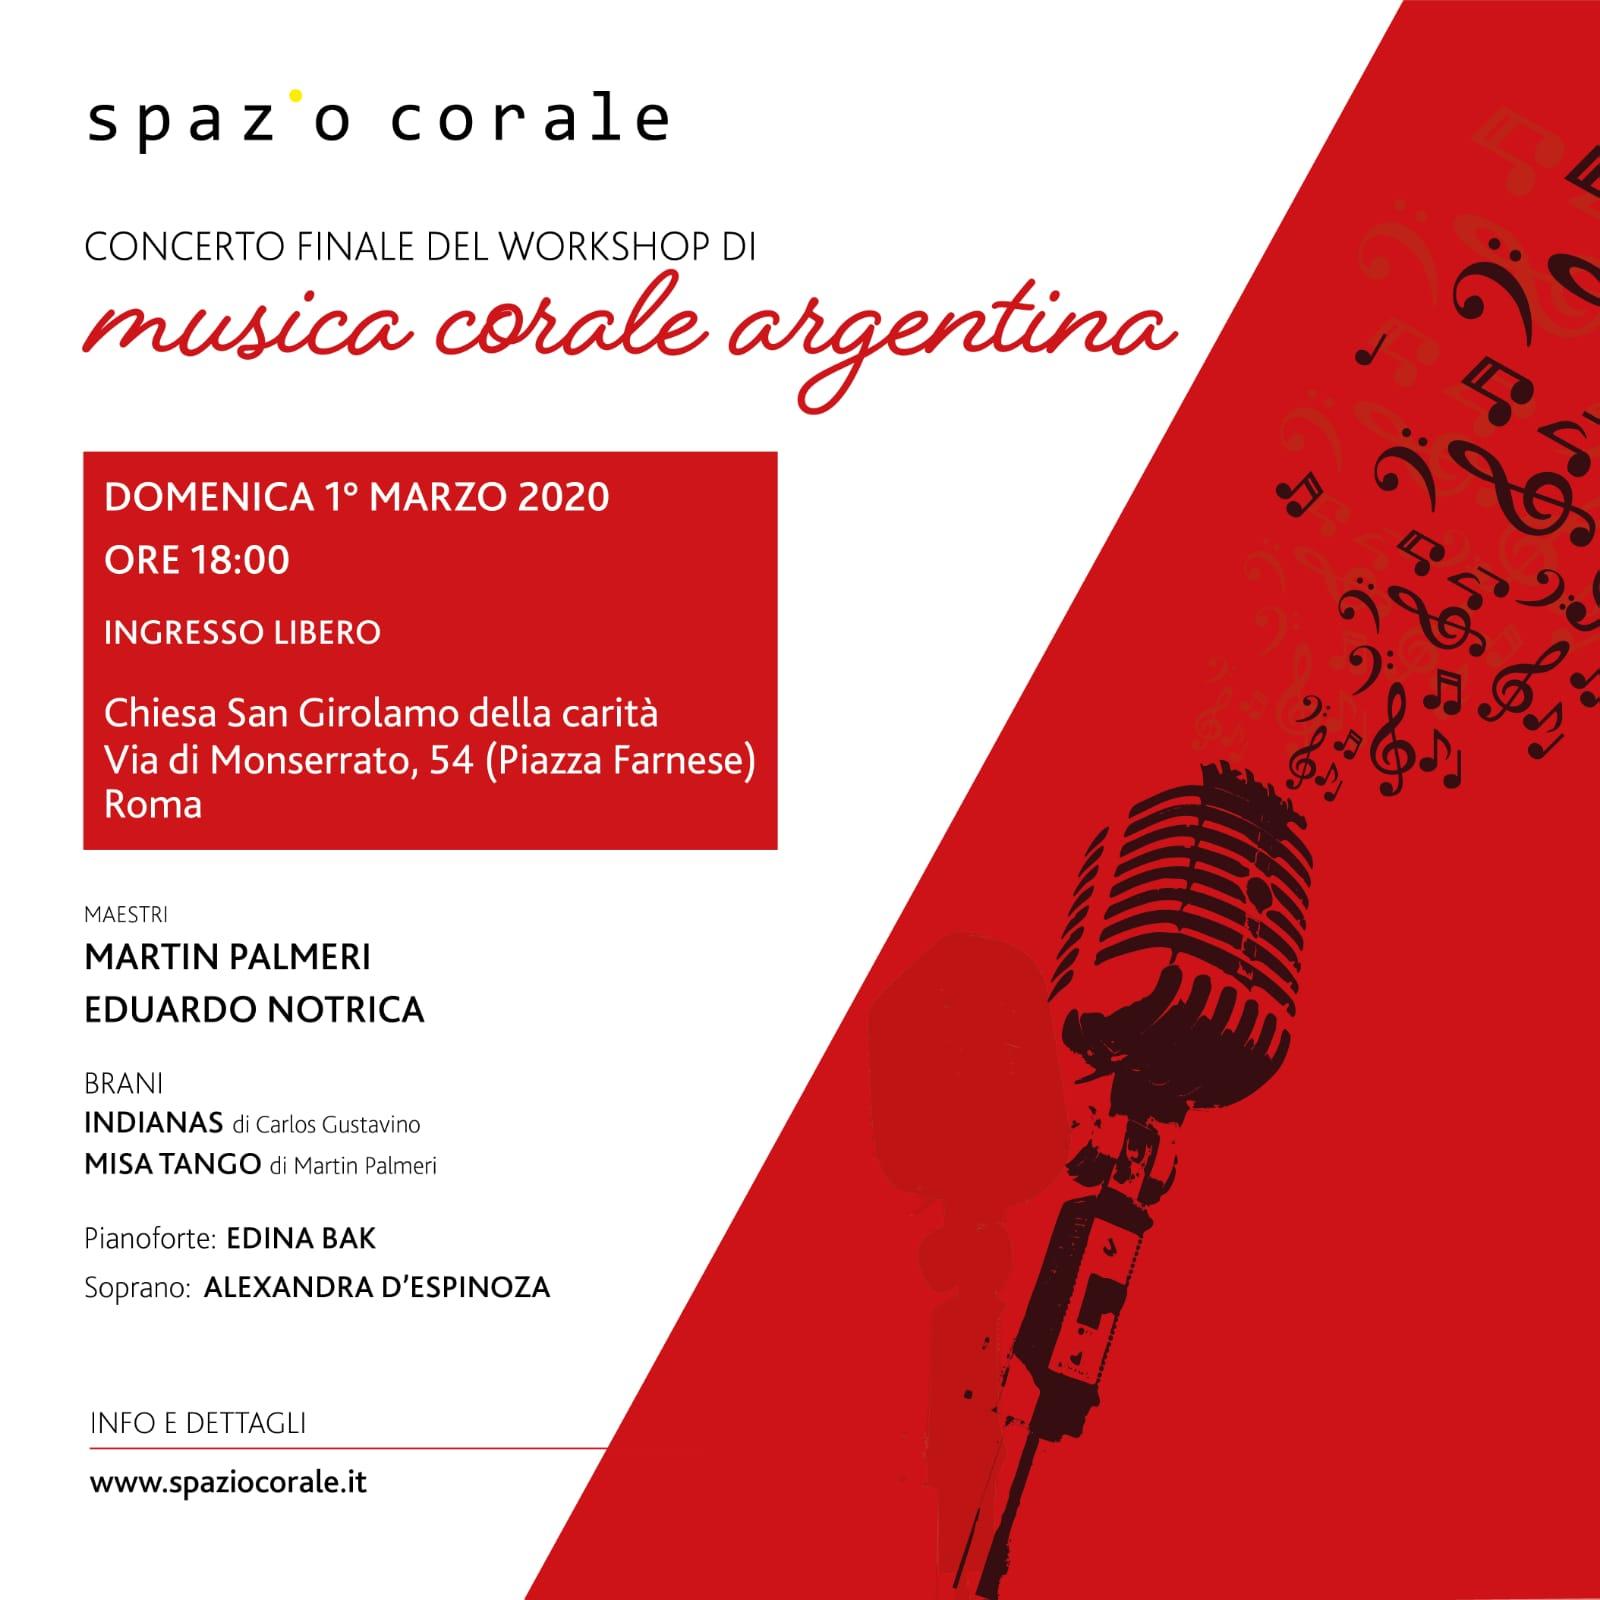 Concerto finale Workshop di musica corale argentina